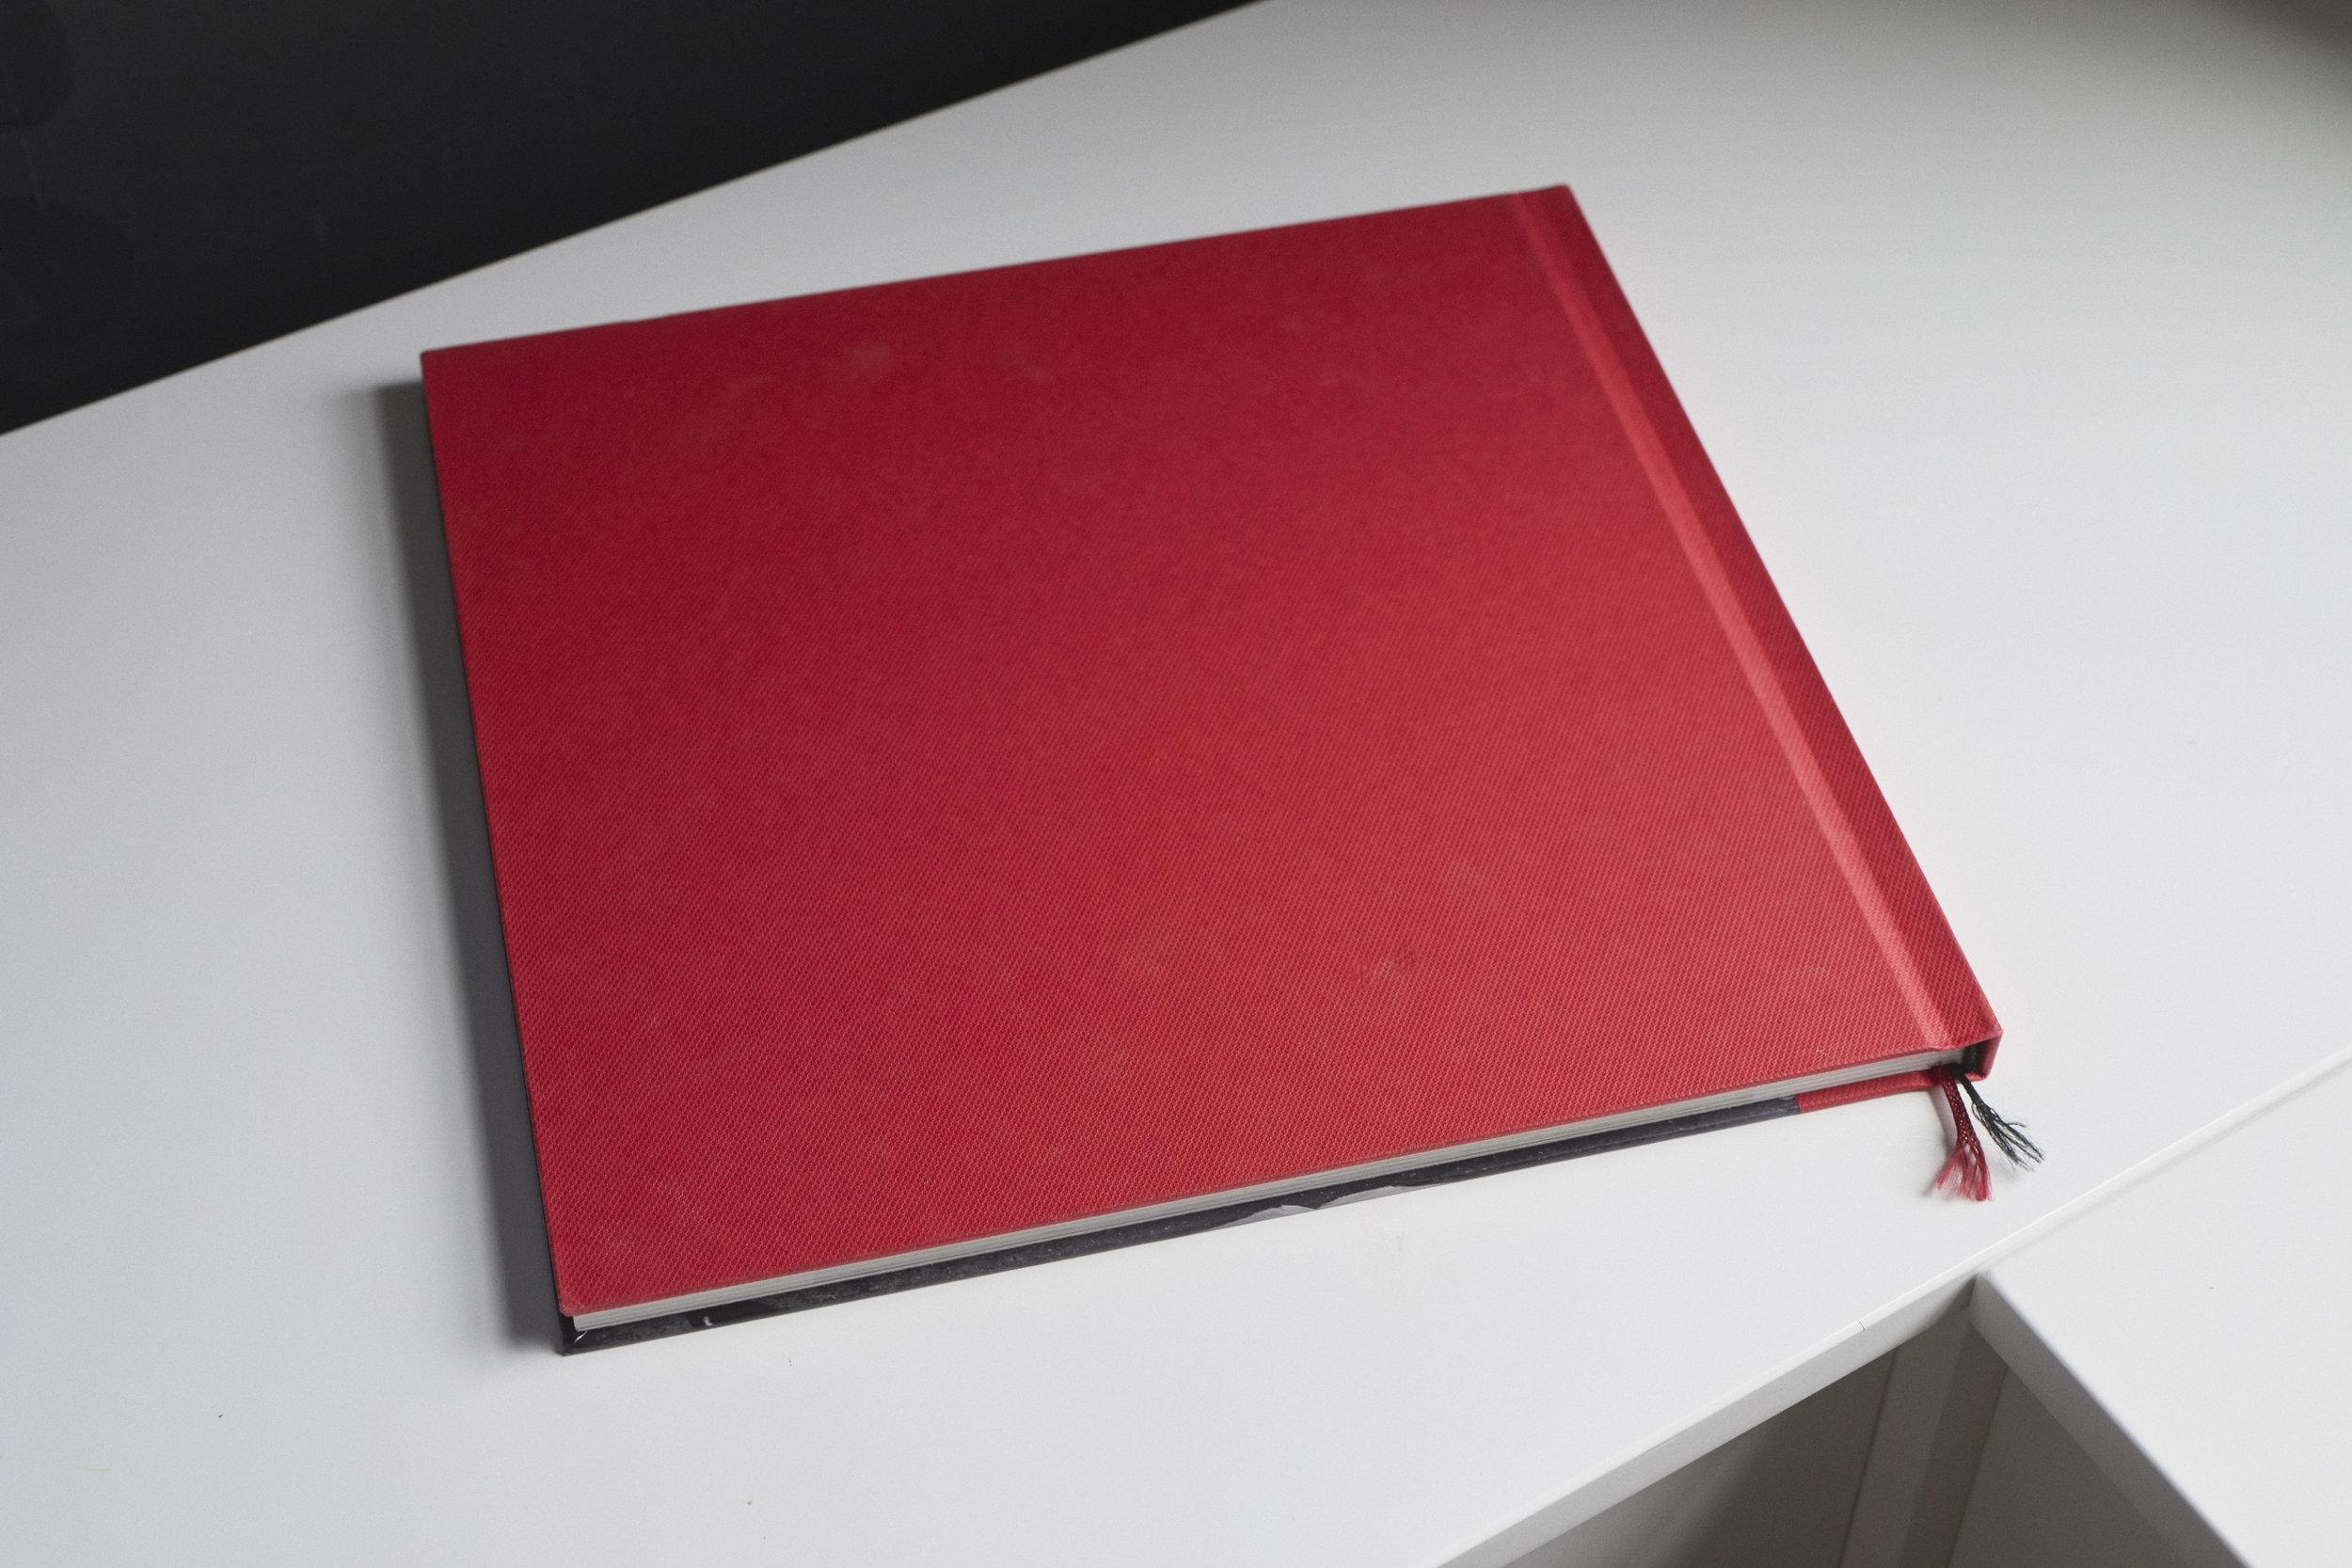 100_RWagner_Wedding_Queensberry_Album.jpg